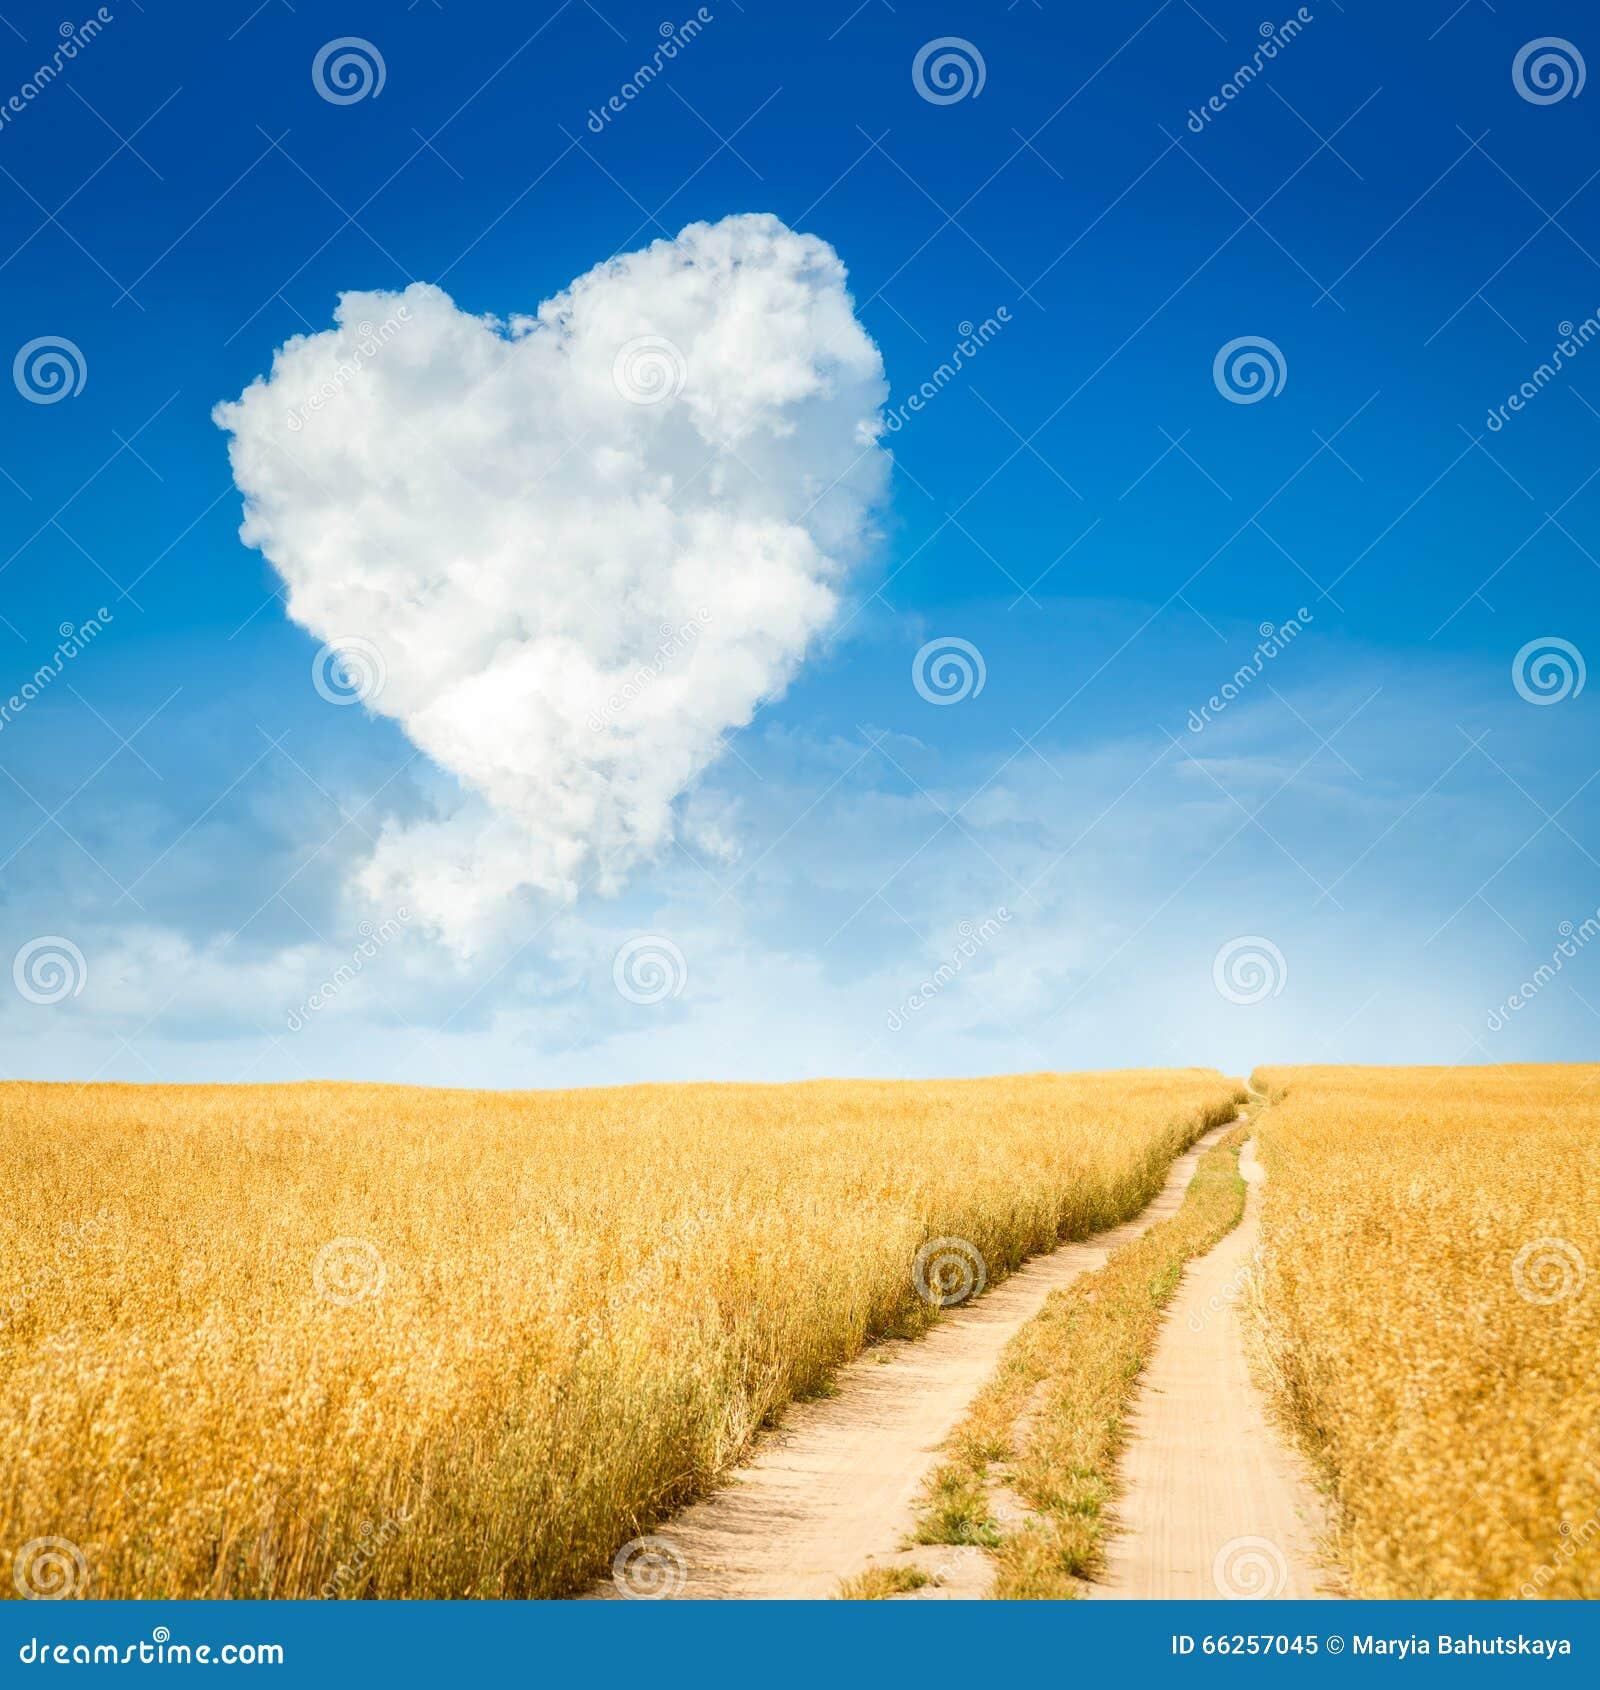 nuage en forme de coeur et paysage jaune de champ photo stock image 66257045. Black Bedroom Furniture Sets. Home Design Ideas